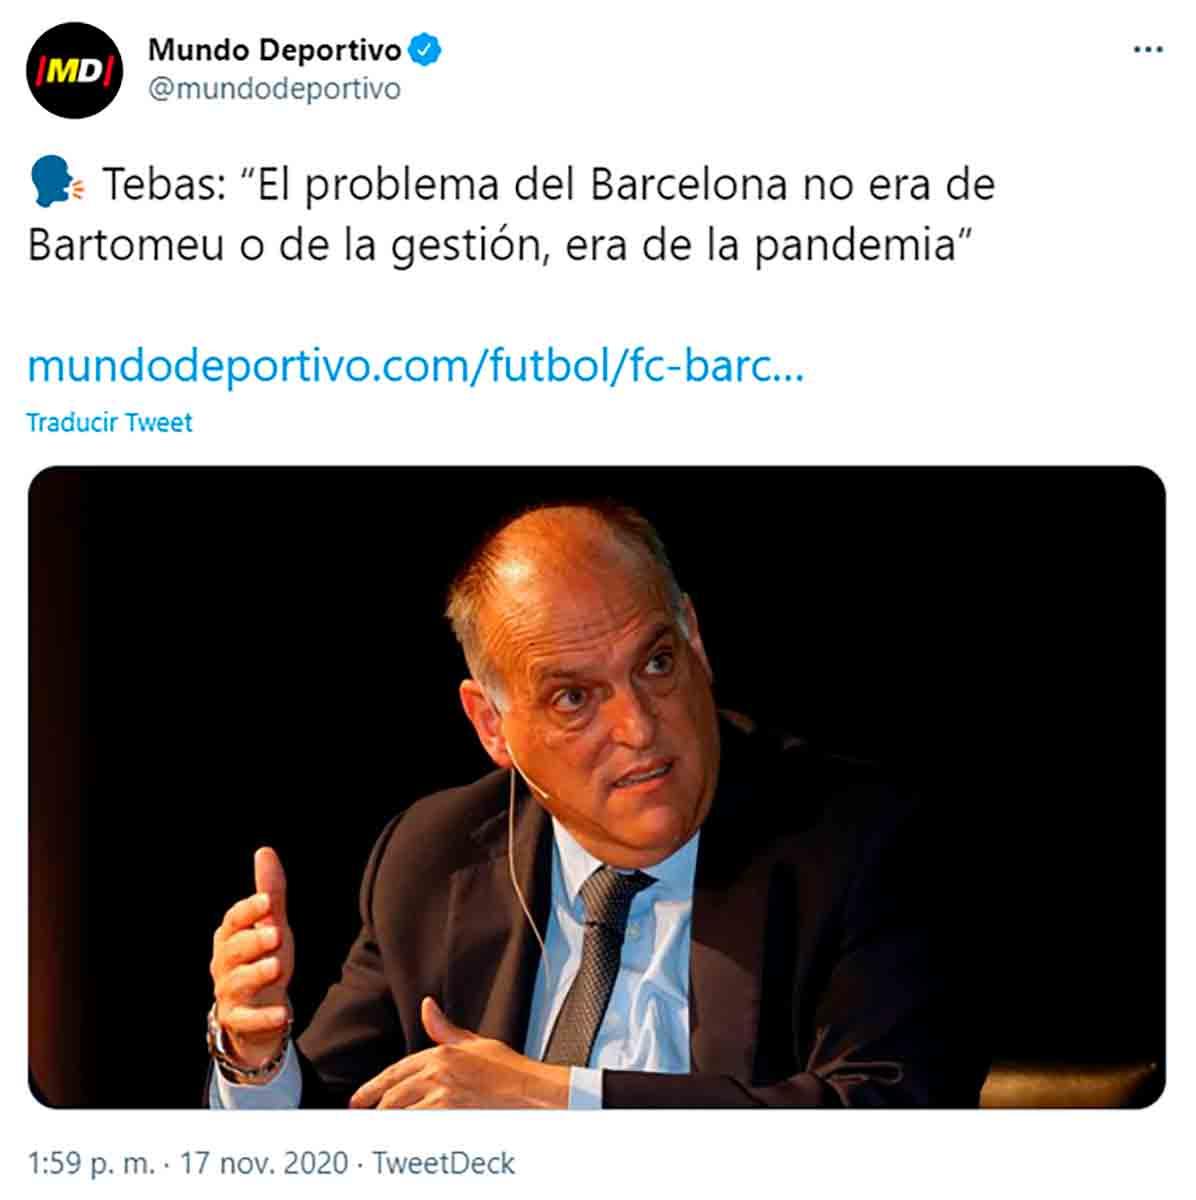 Tebas Bartomeu